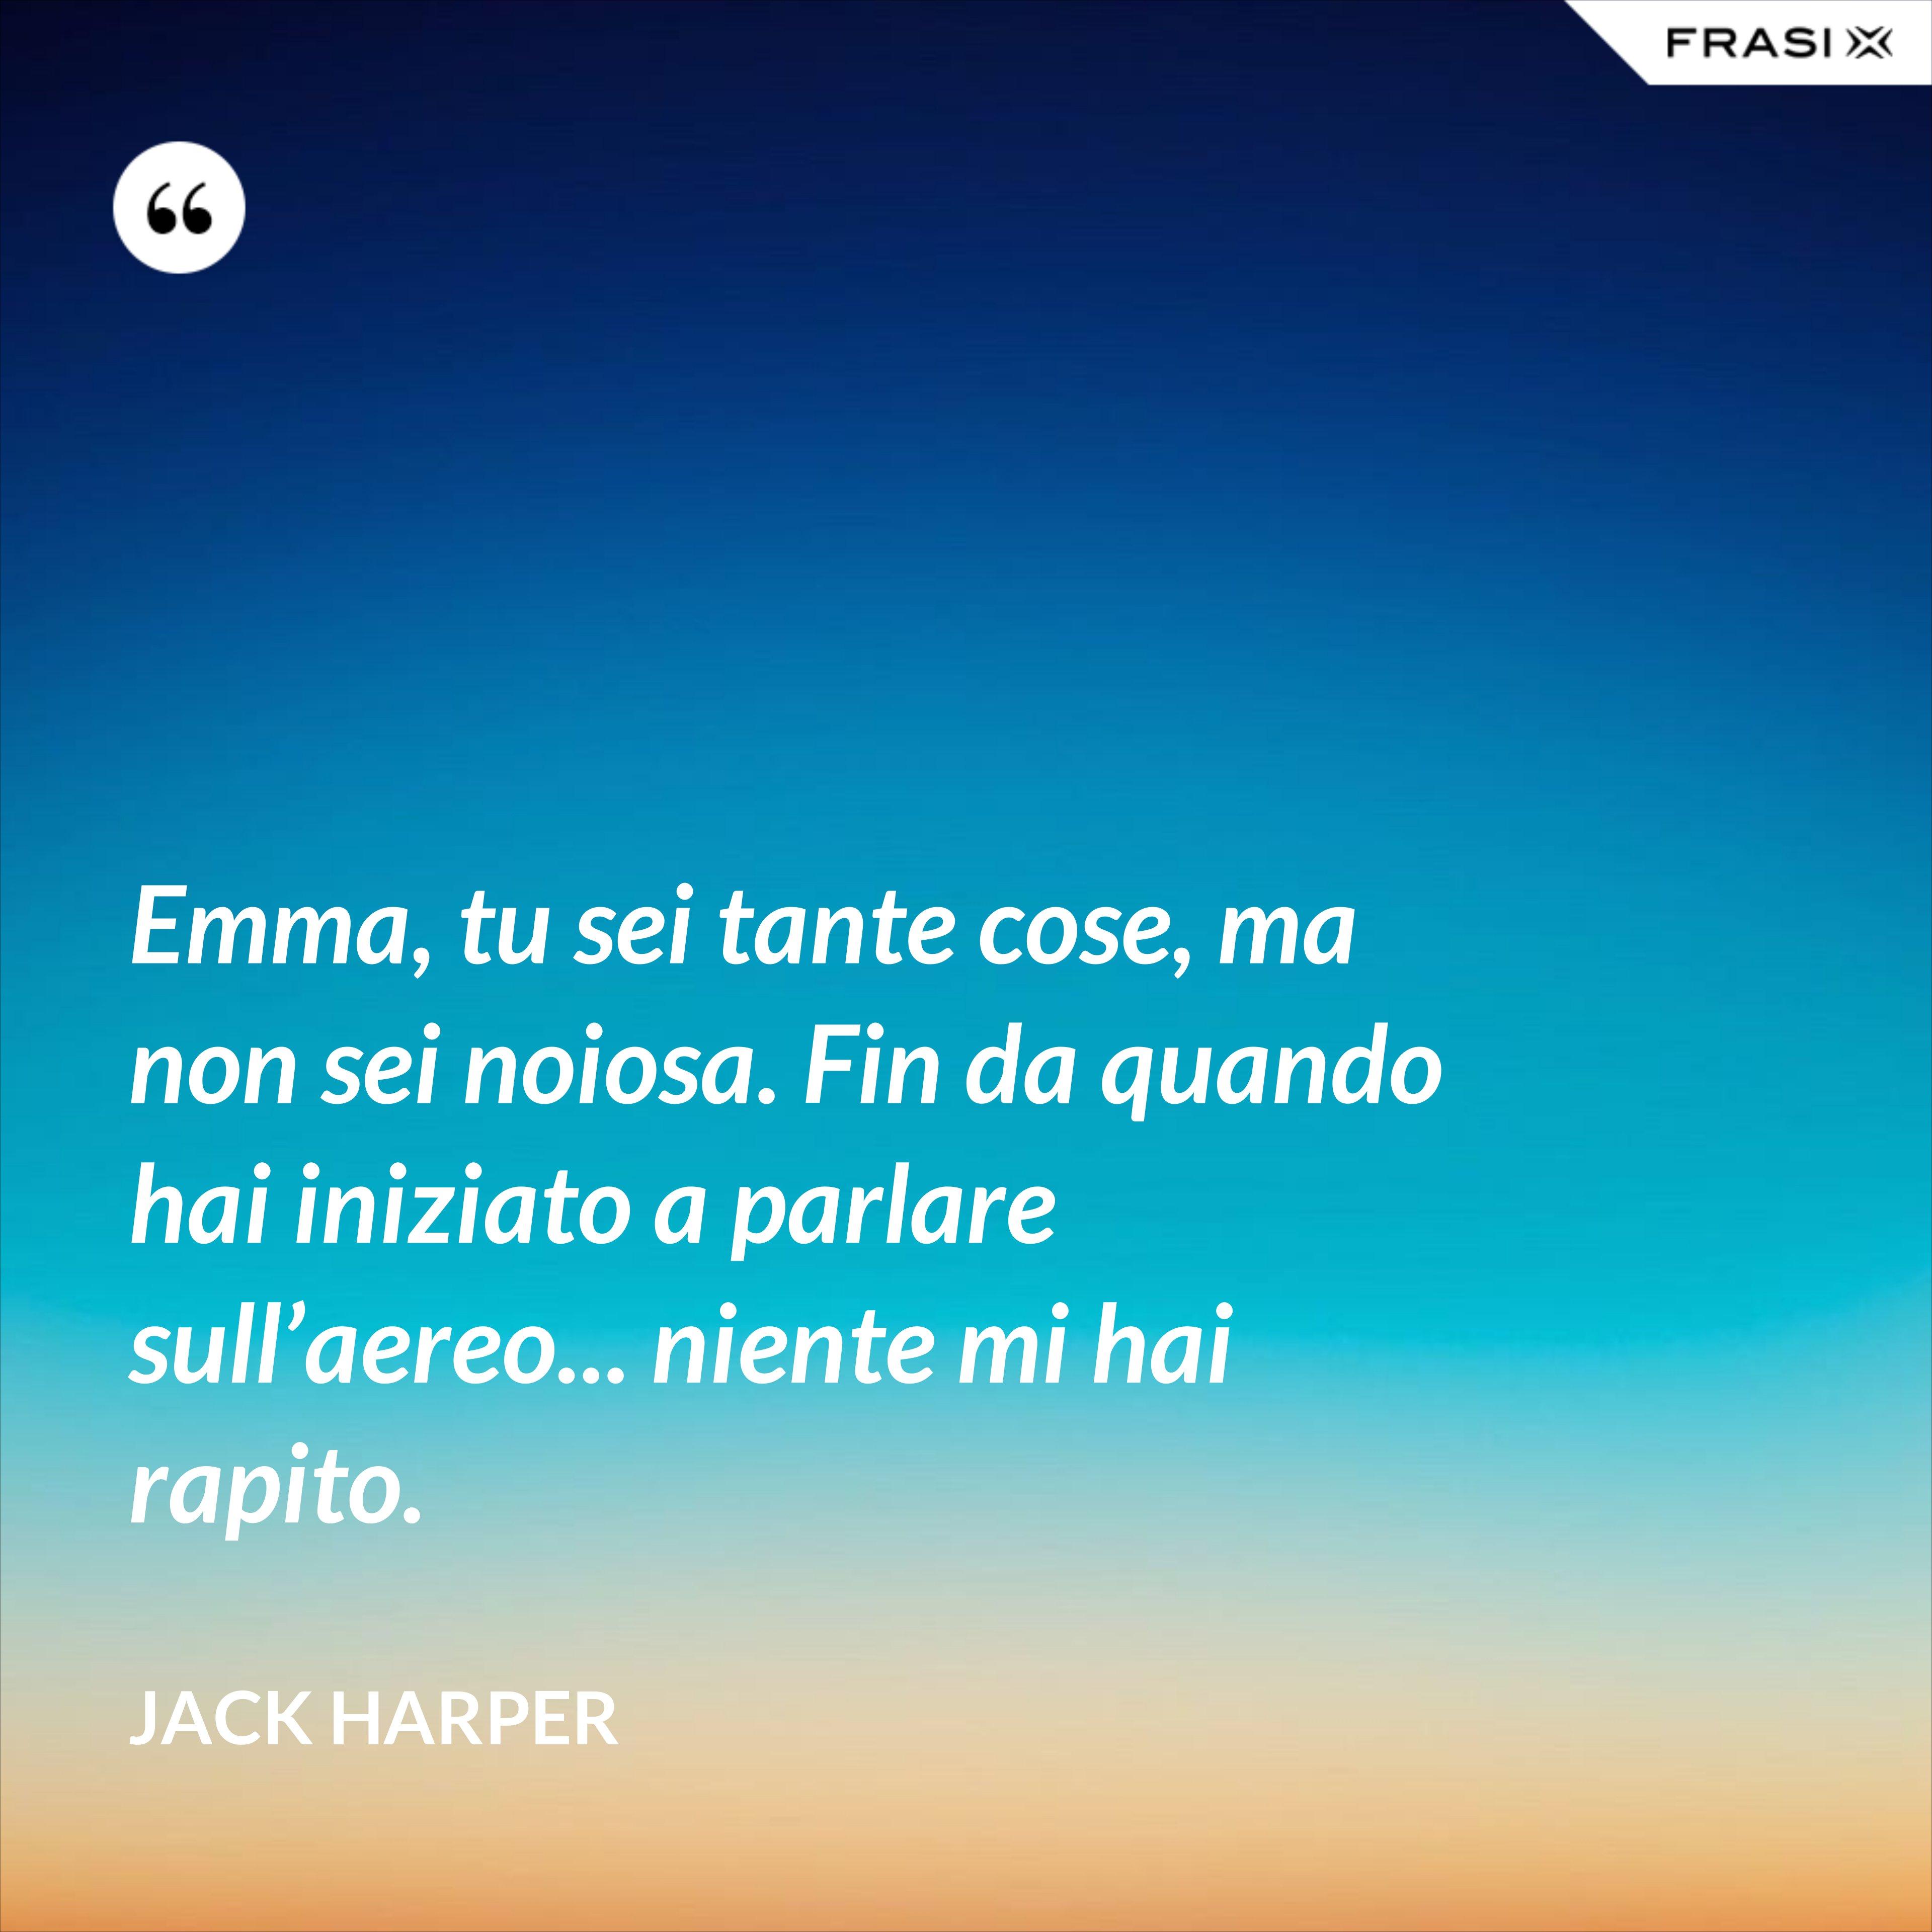 Emma, tu sei tante cose, ma non sei noiosa. Fin da quando hai iniziato a parlare sull'aereo... niente mi hai rapito. - Jack Harper